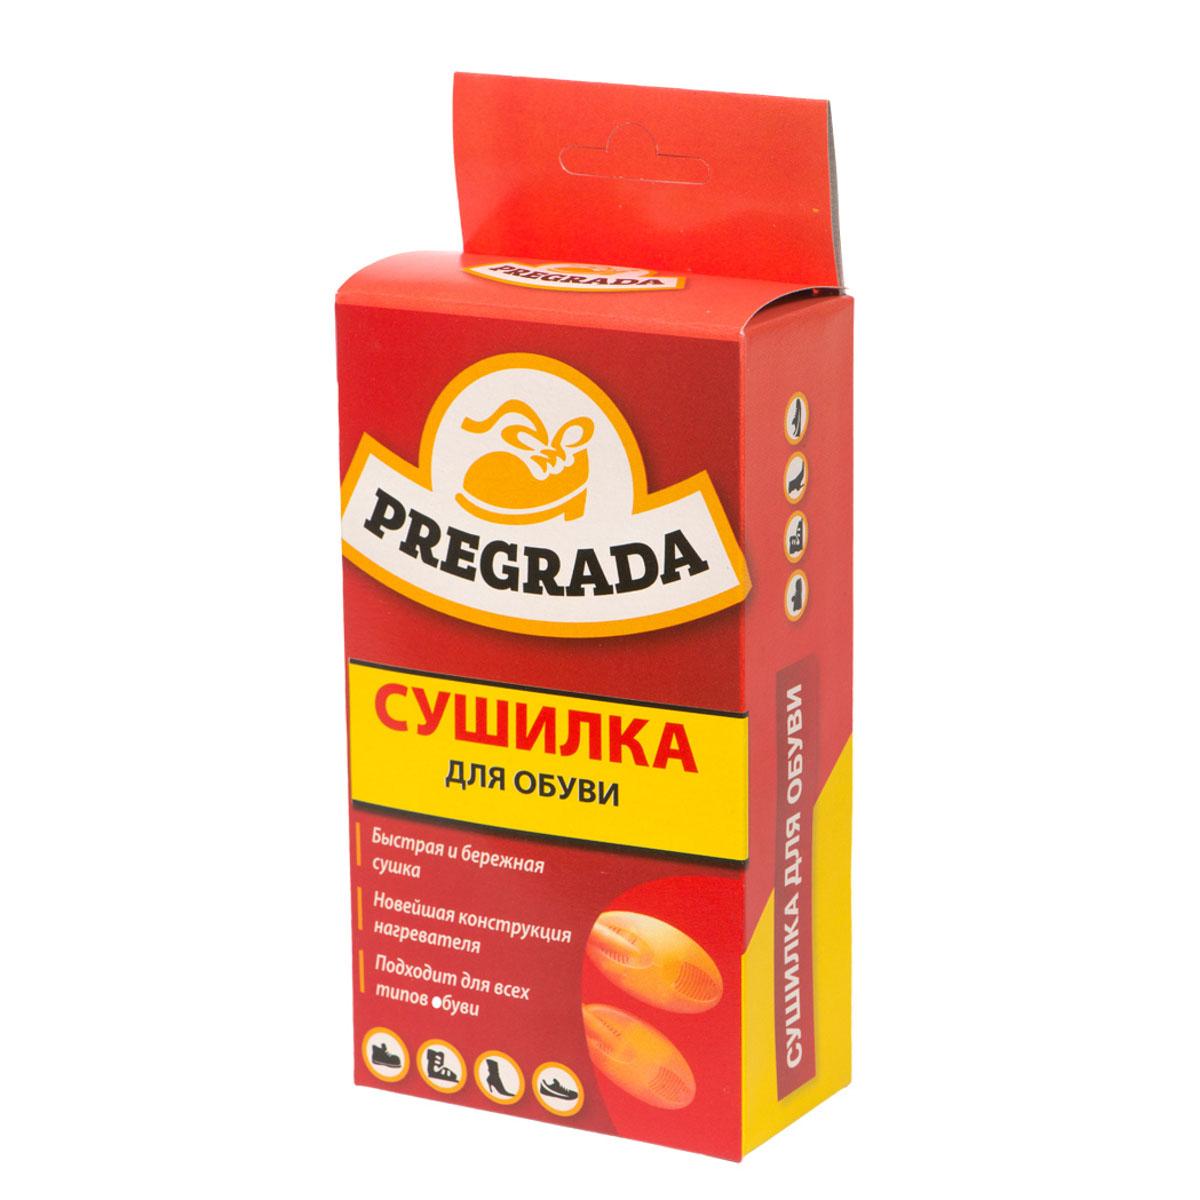 """Сушилка для обуви """"Pregrada"""" электрическая HS.050001"""